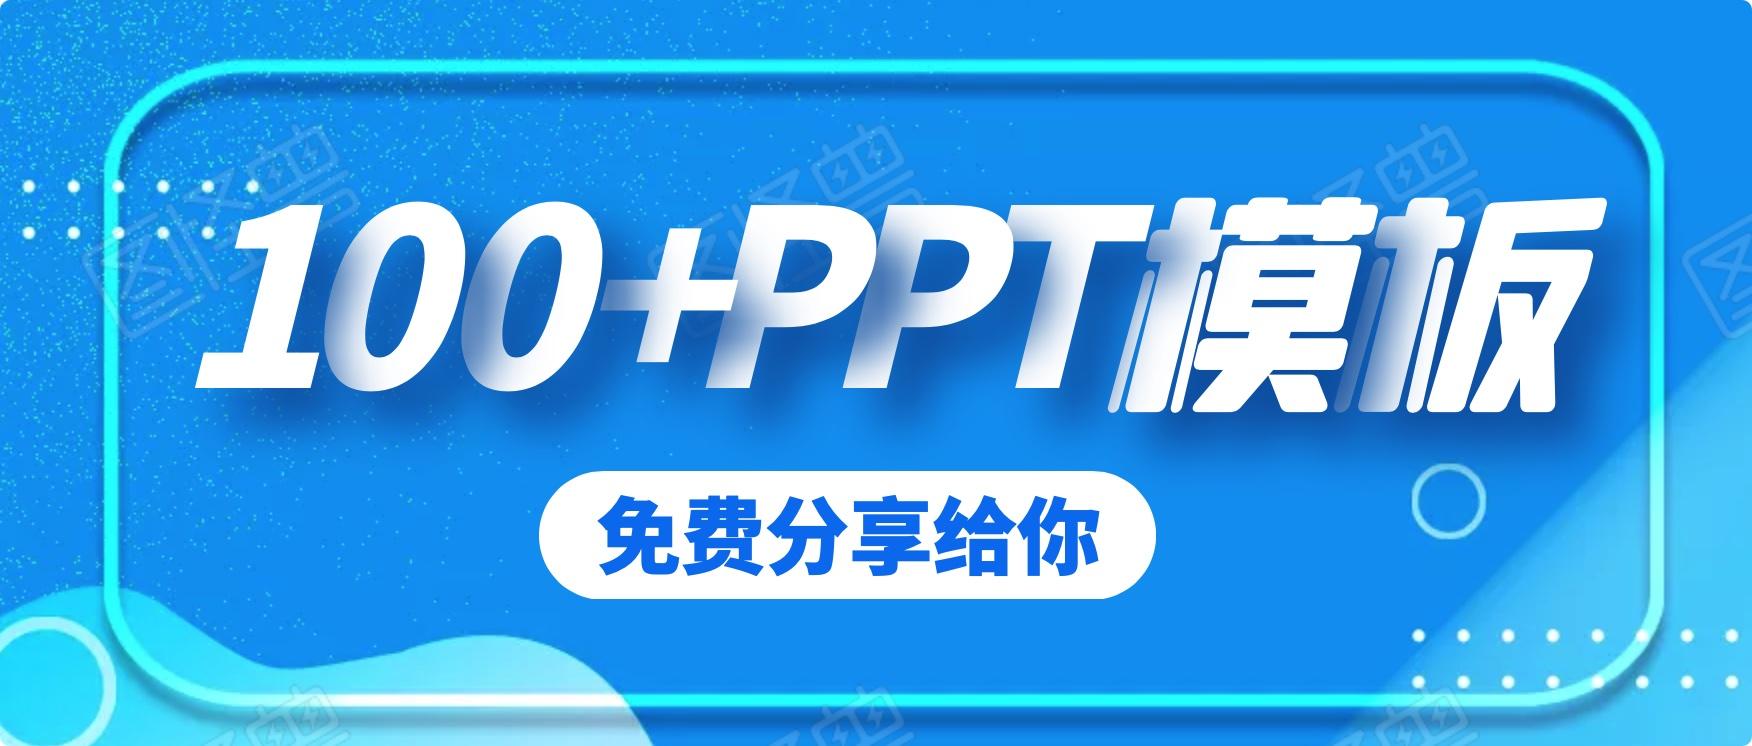 100套精品PPT模板分享(免费)